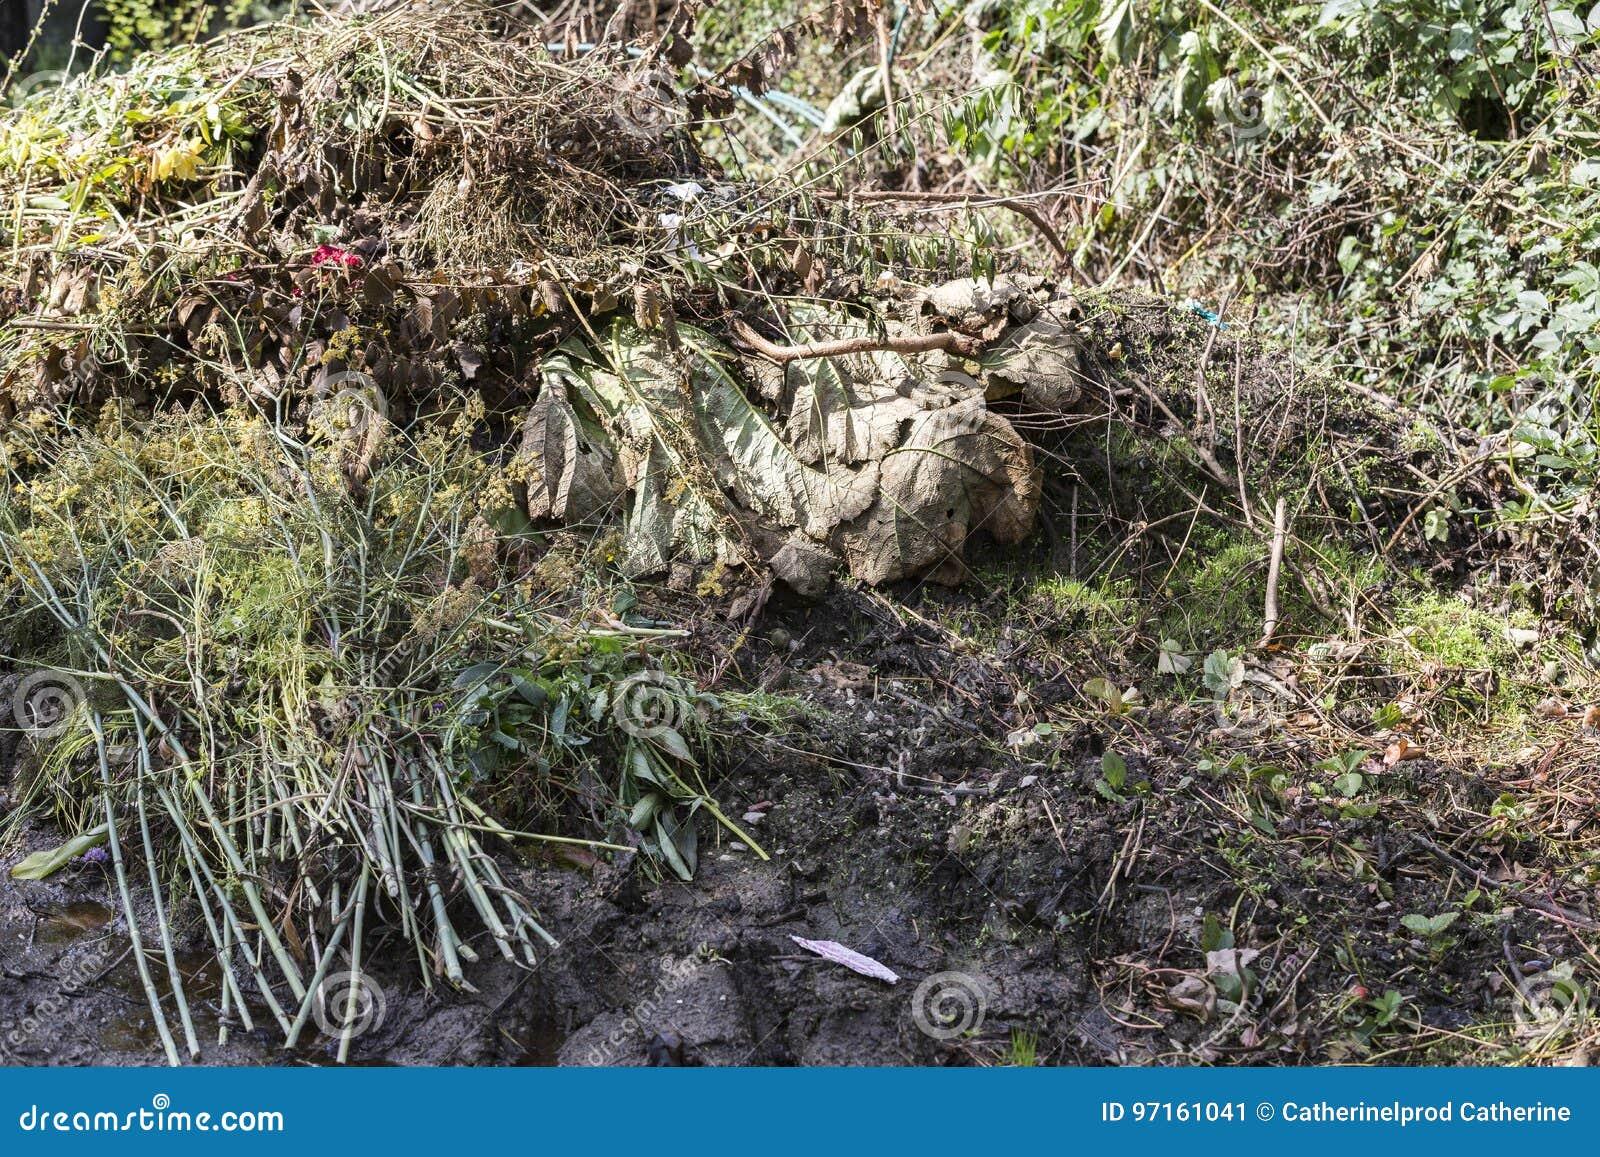 Frischer Bio Abfall Und Kompost Im Garten Stockbild Bild Von Apfel